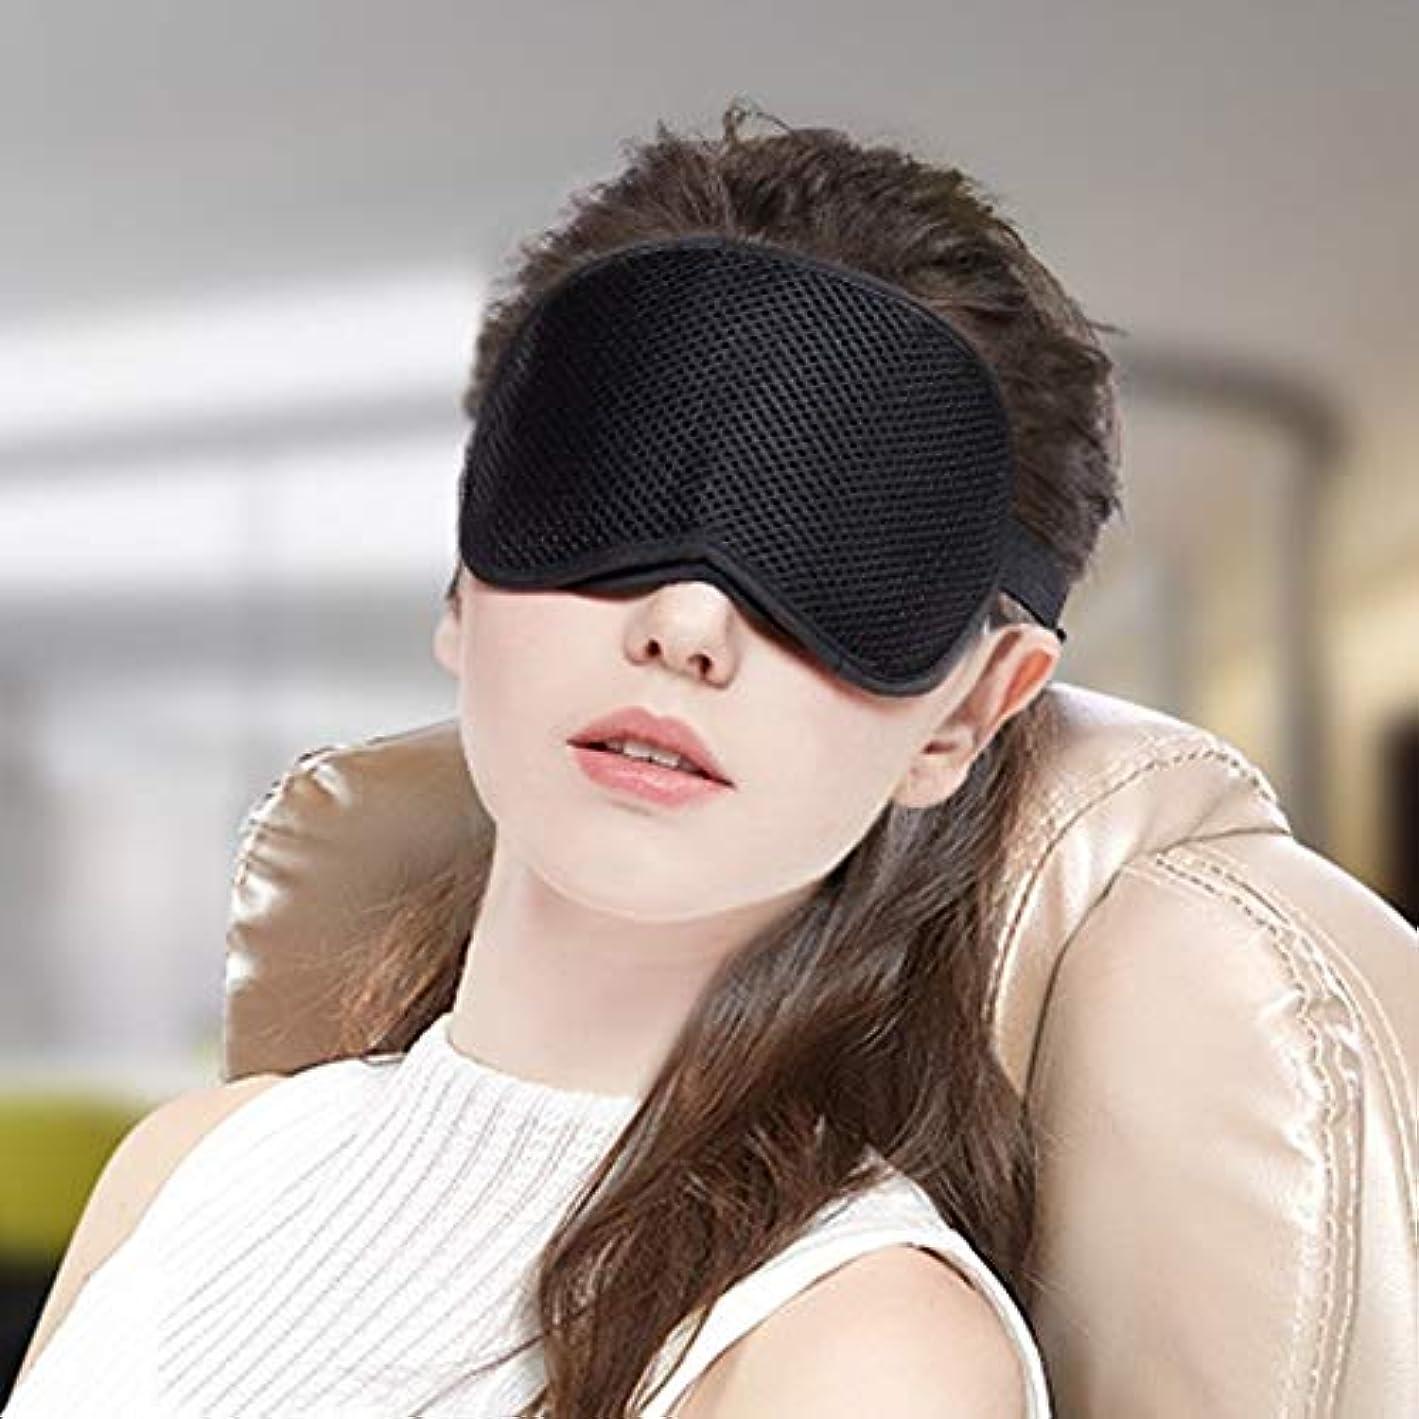 ロッド行き当たりばったり通知NOTE 睡眠アイマスクソフト睡眠マスクファッションアイパッチシェードカバー旅行リラックス援助目隠し助けて睡眠とリフレックスアイ